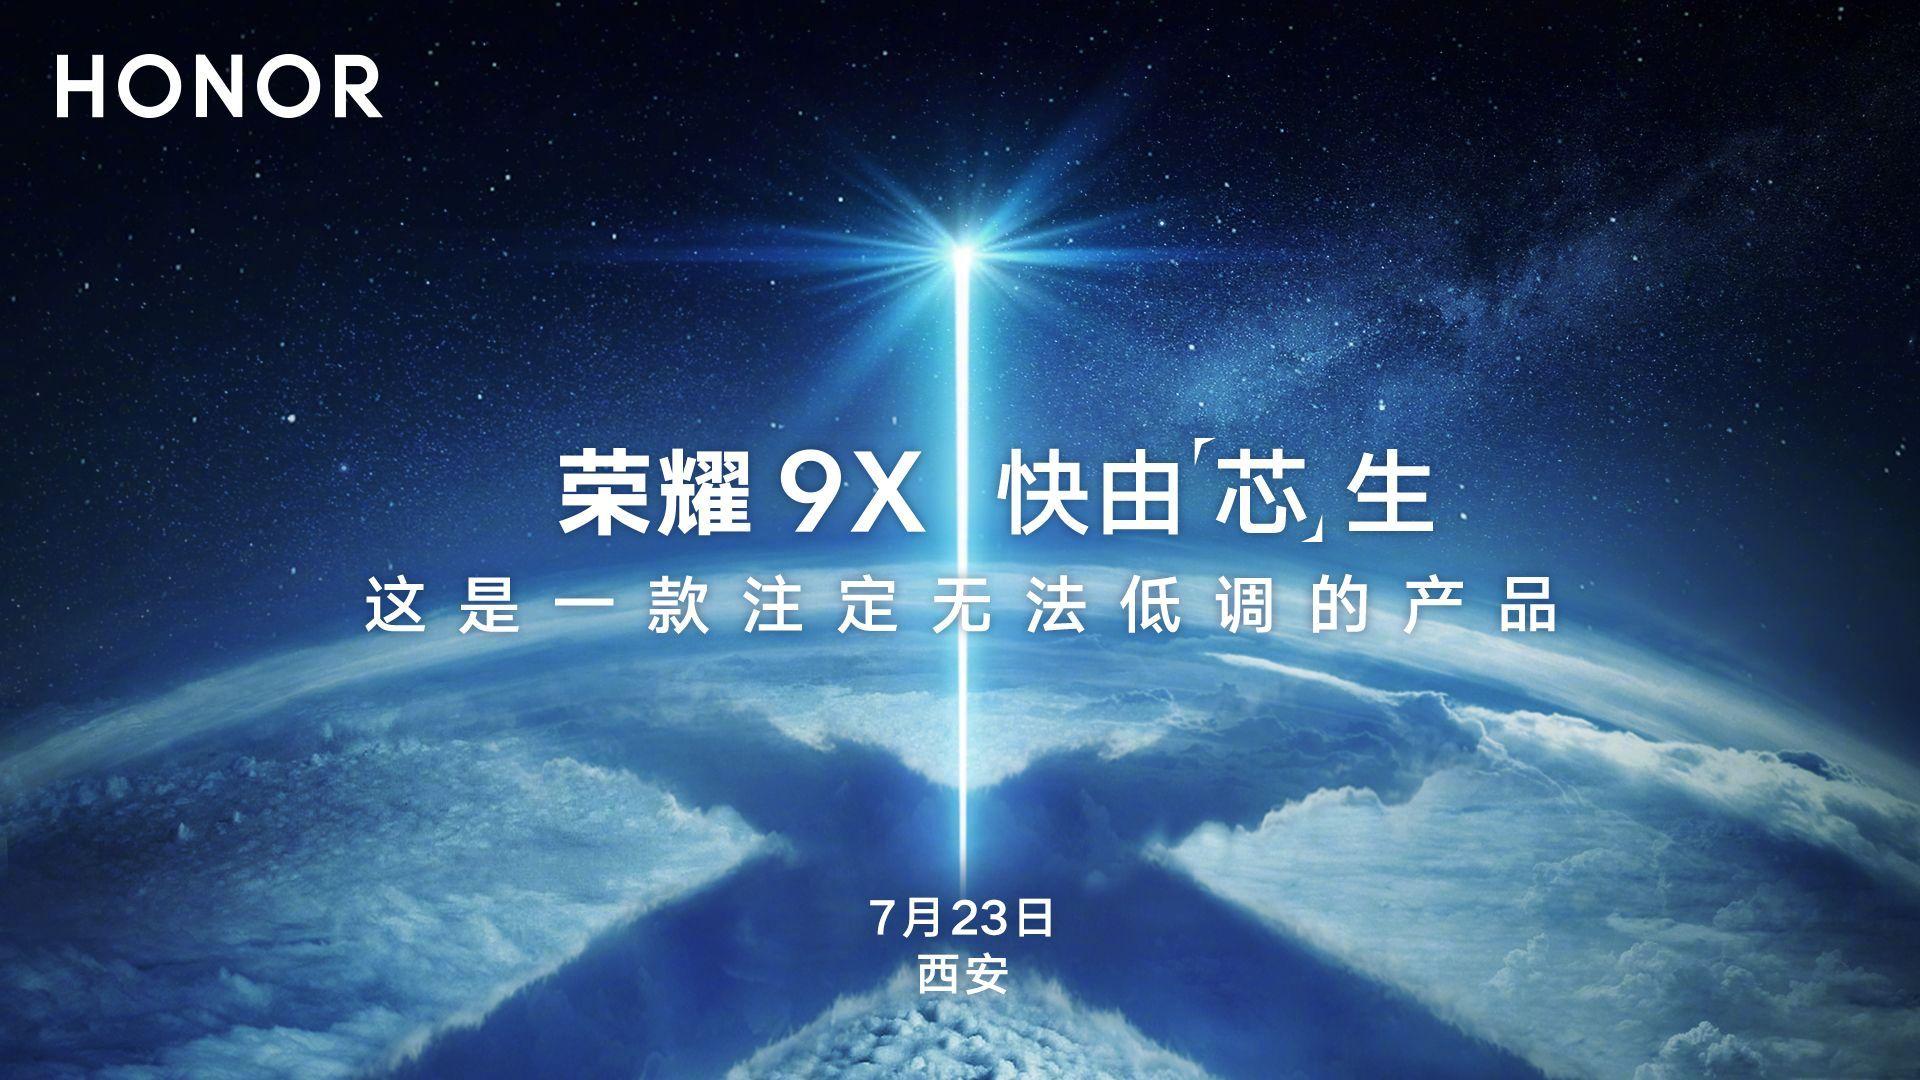 Le Honor 9X et son Kirin 810 seront officialisés dans quelques semaines